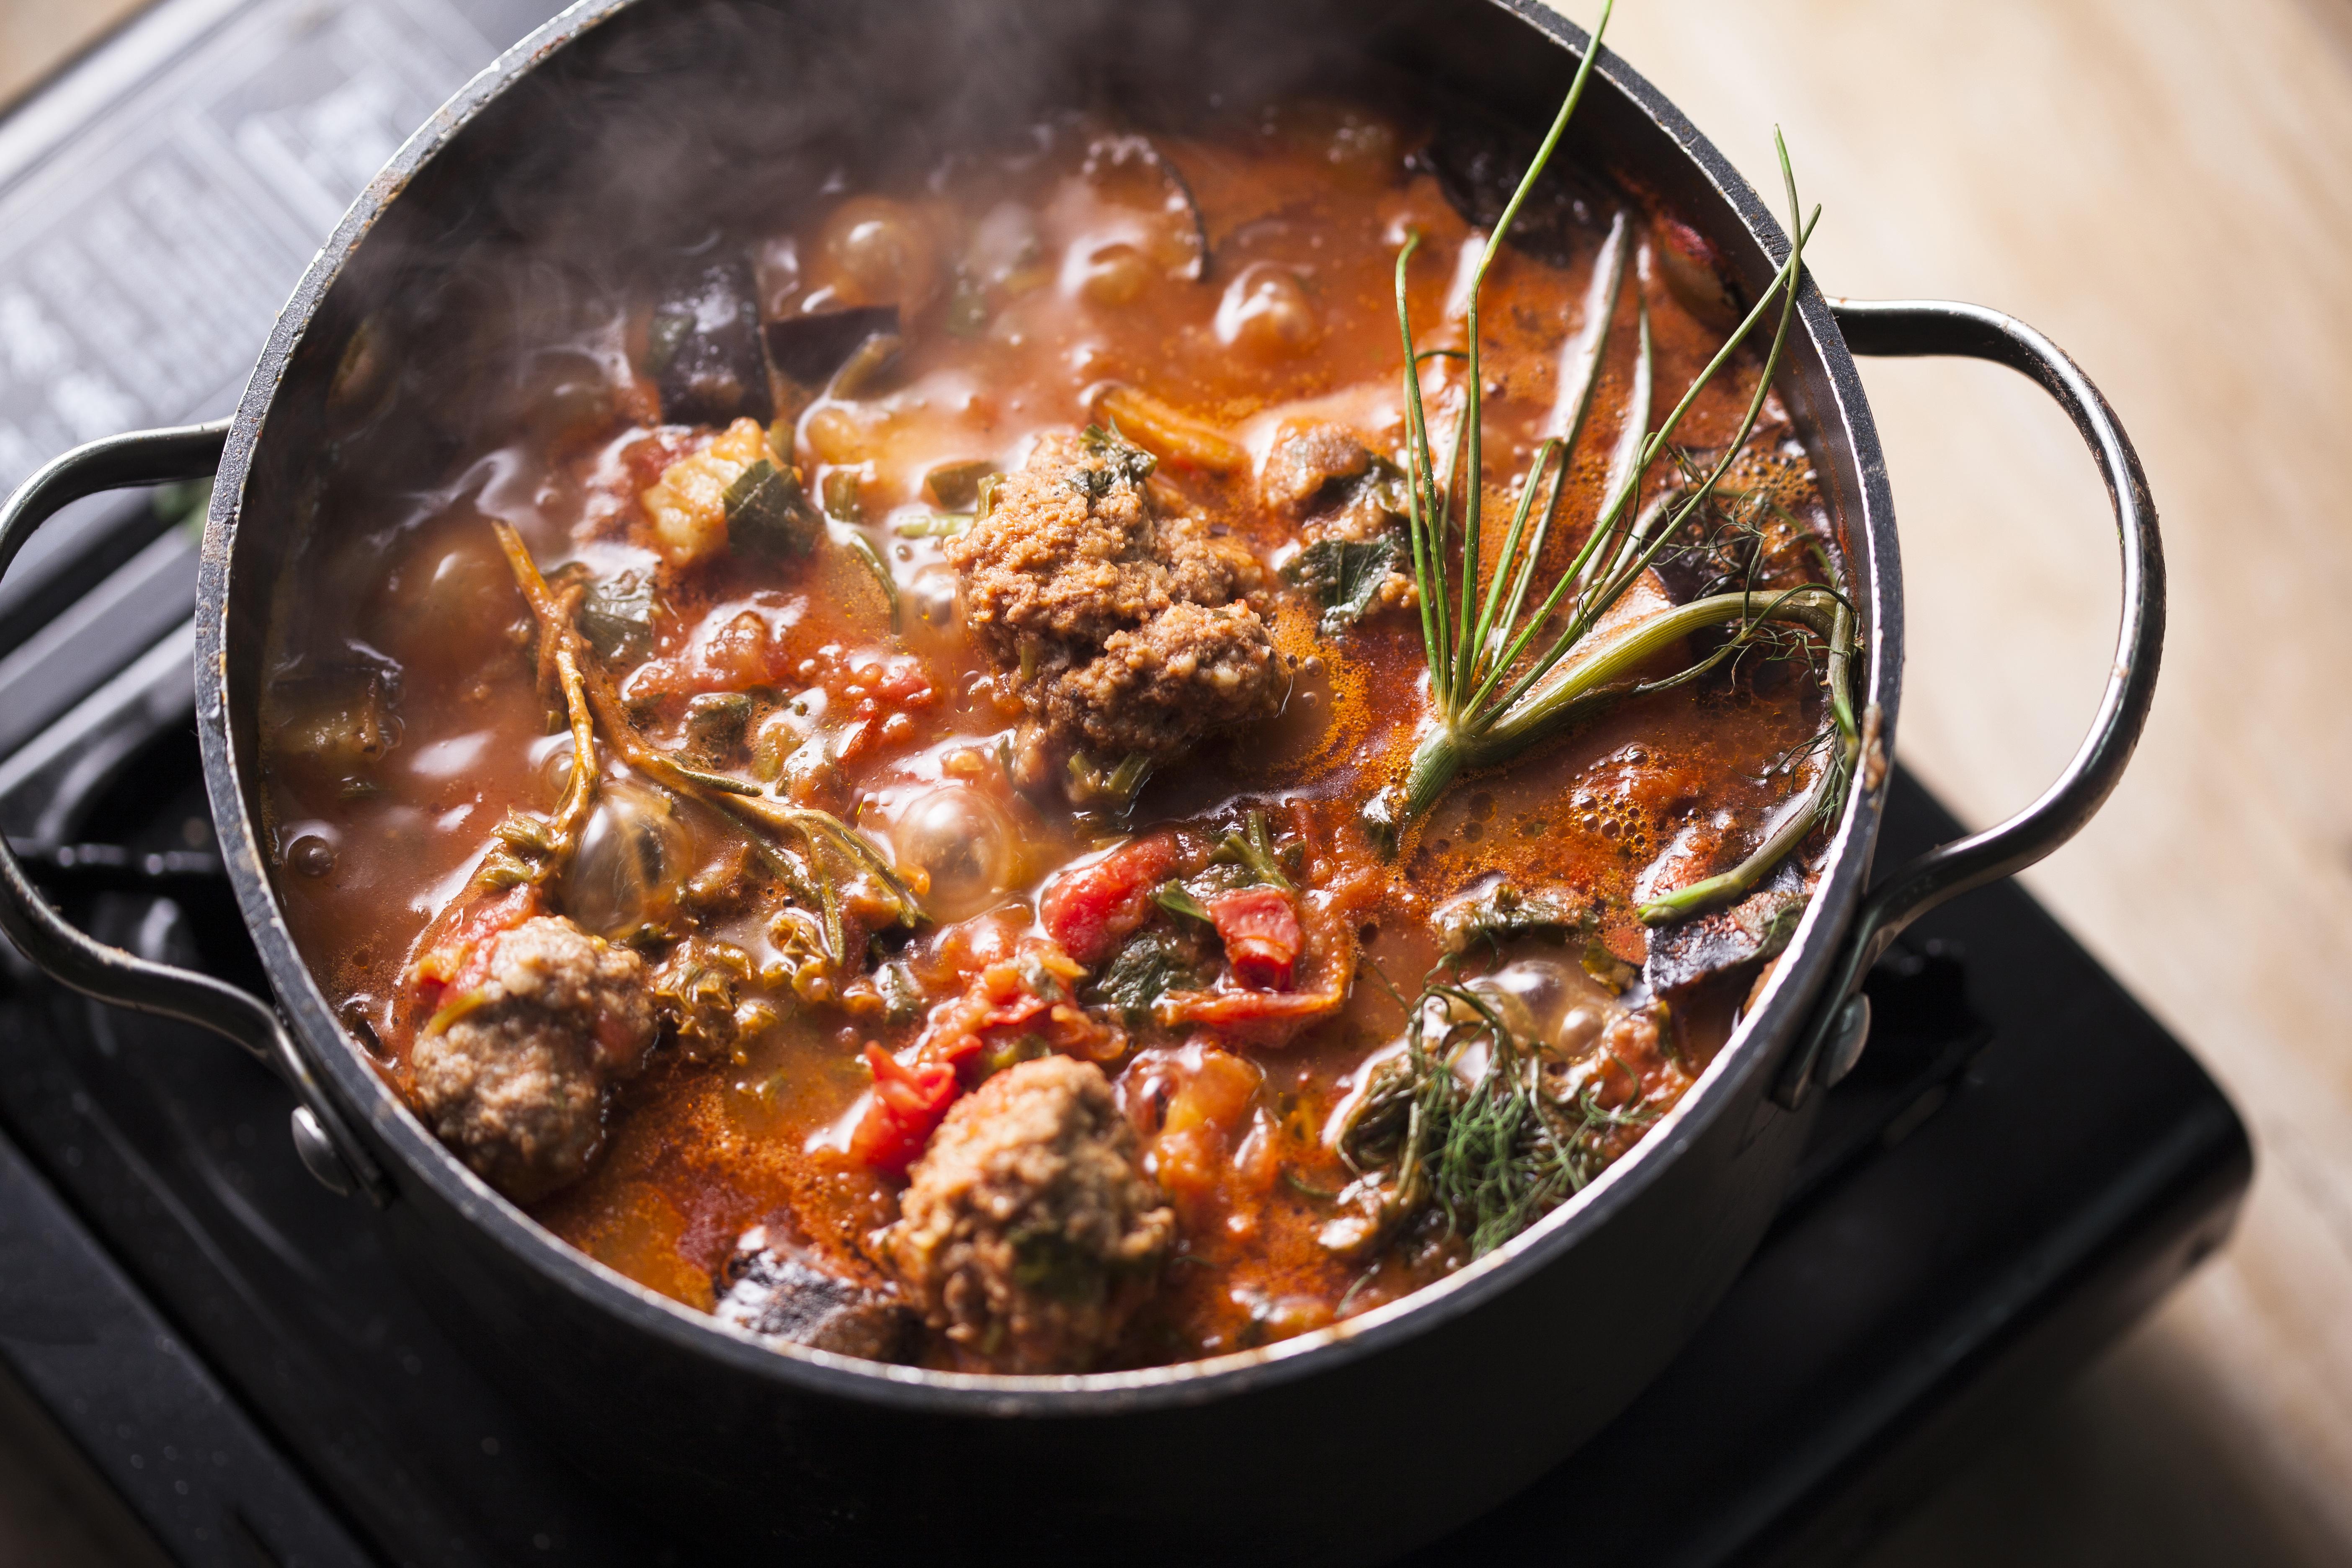 הקפאה והפשרה של בשר